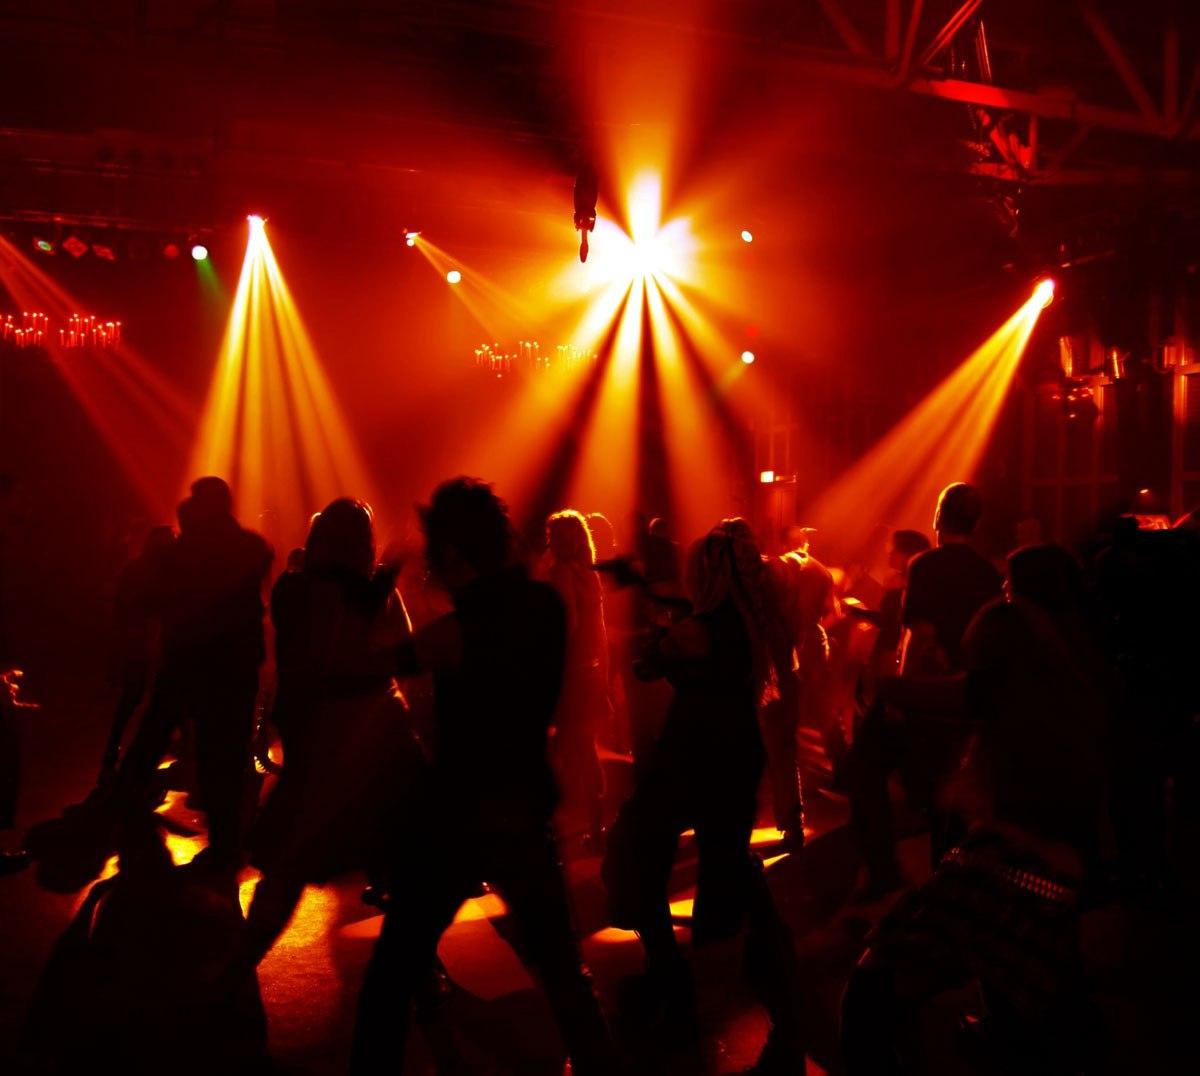 Предприниматель из Нюрбы ухитрился построить диско-клуб на частной территории